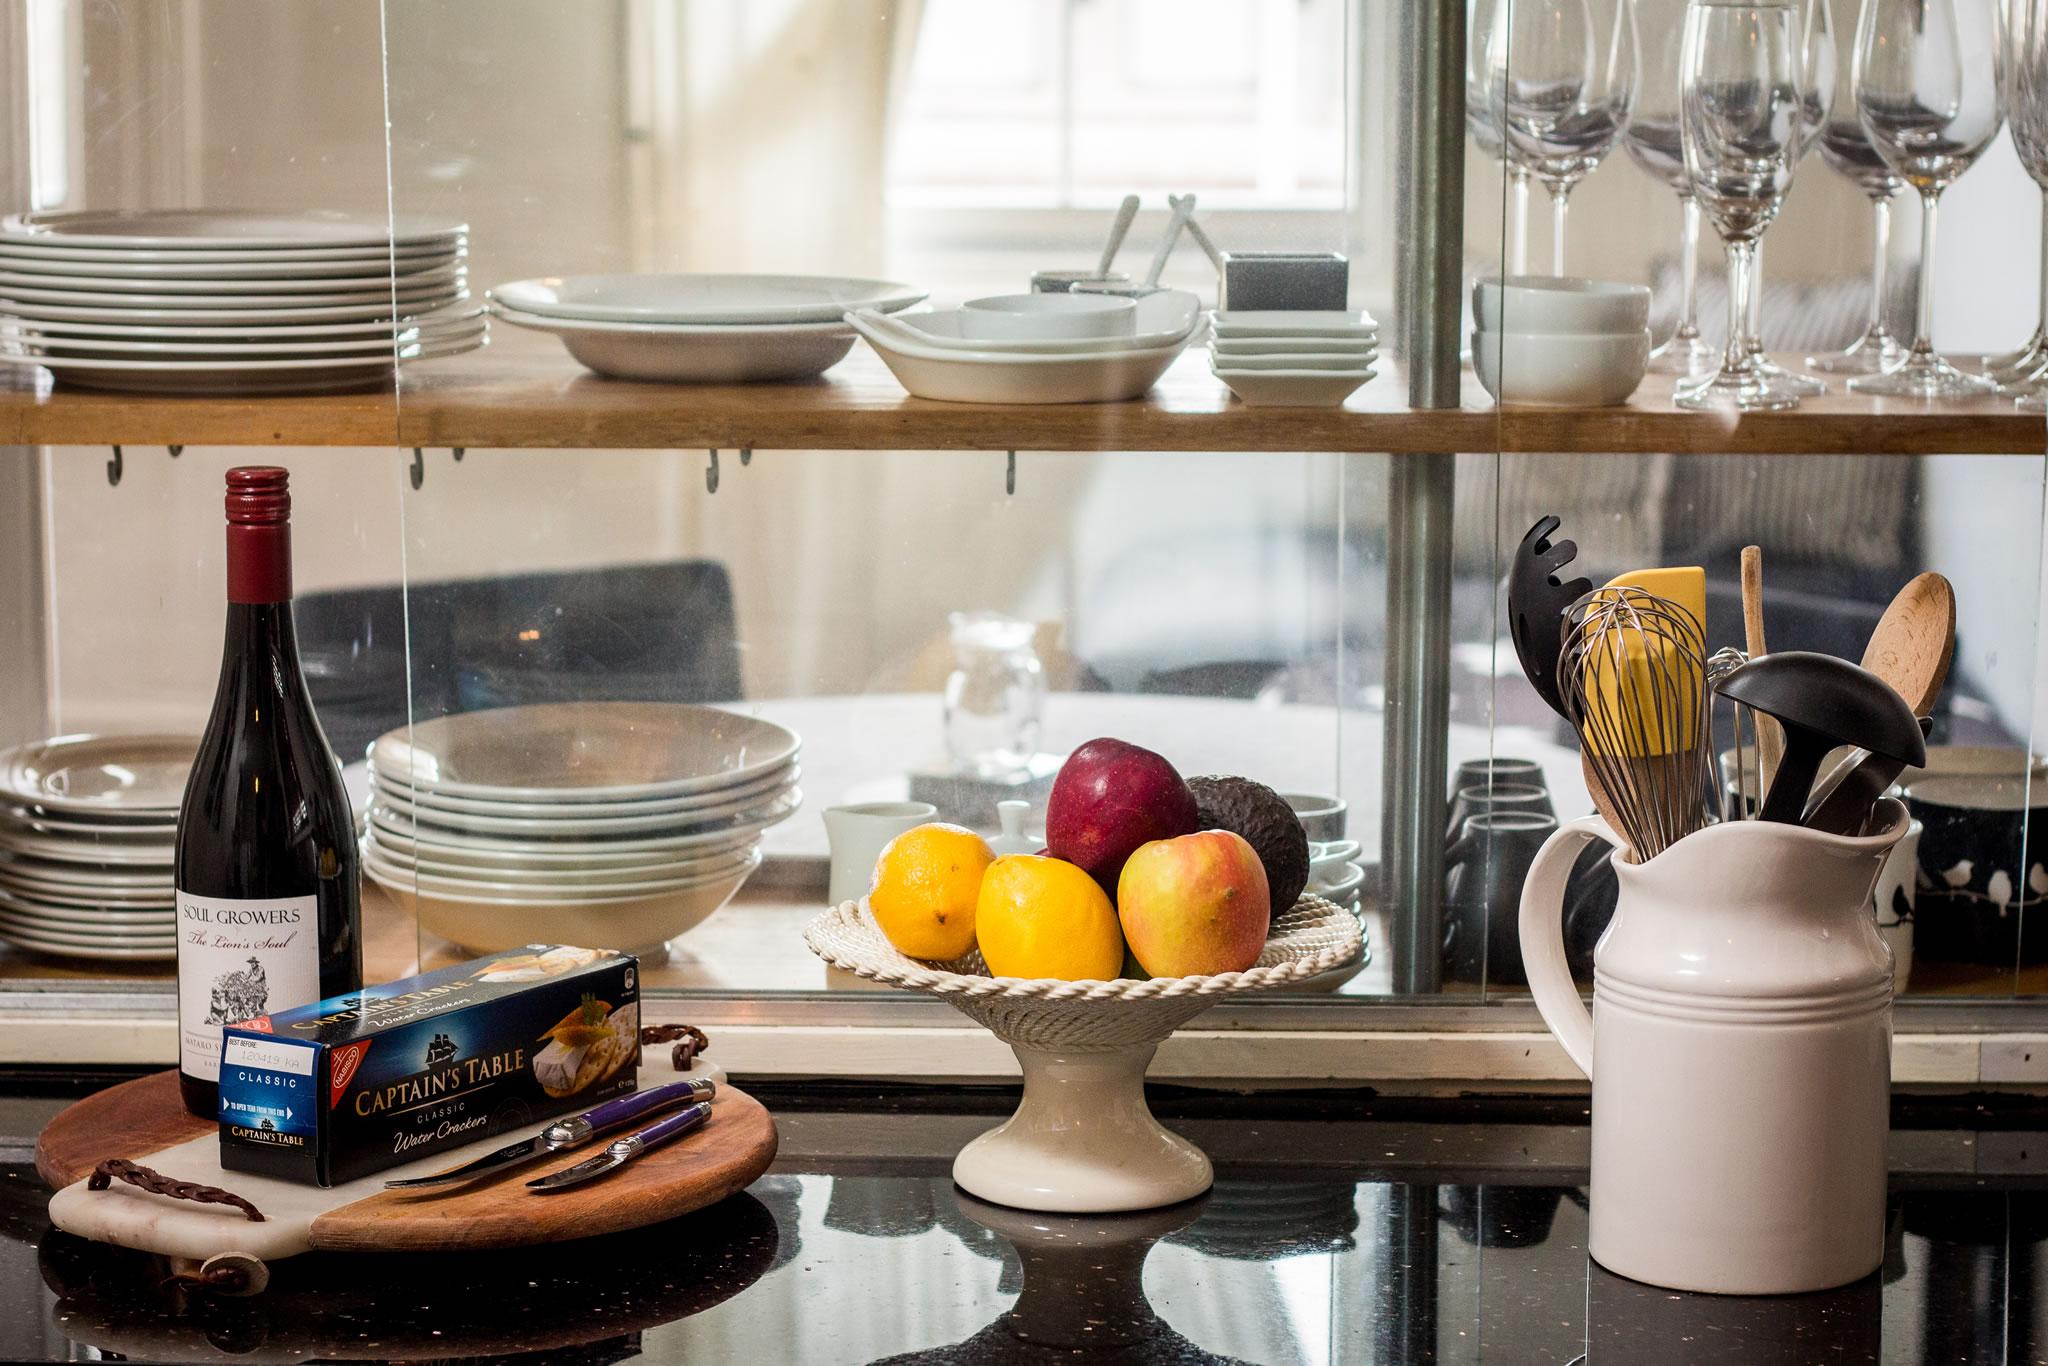 Kitchen Cupboard Divide MEDIUM-1.jpg